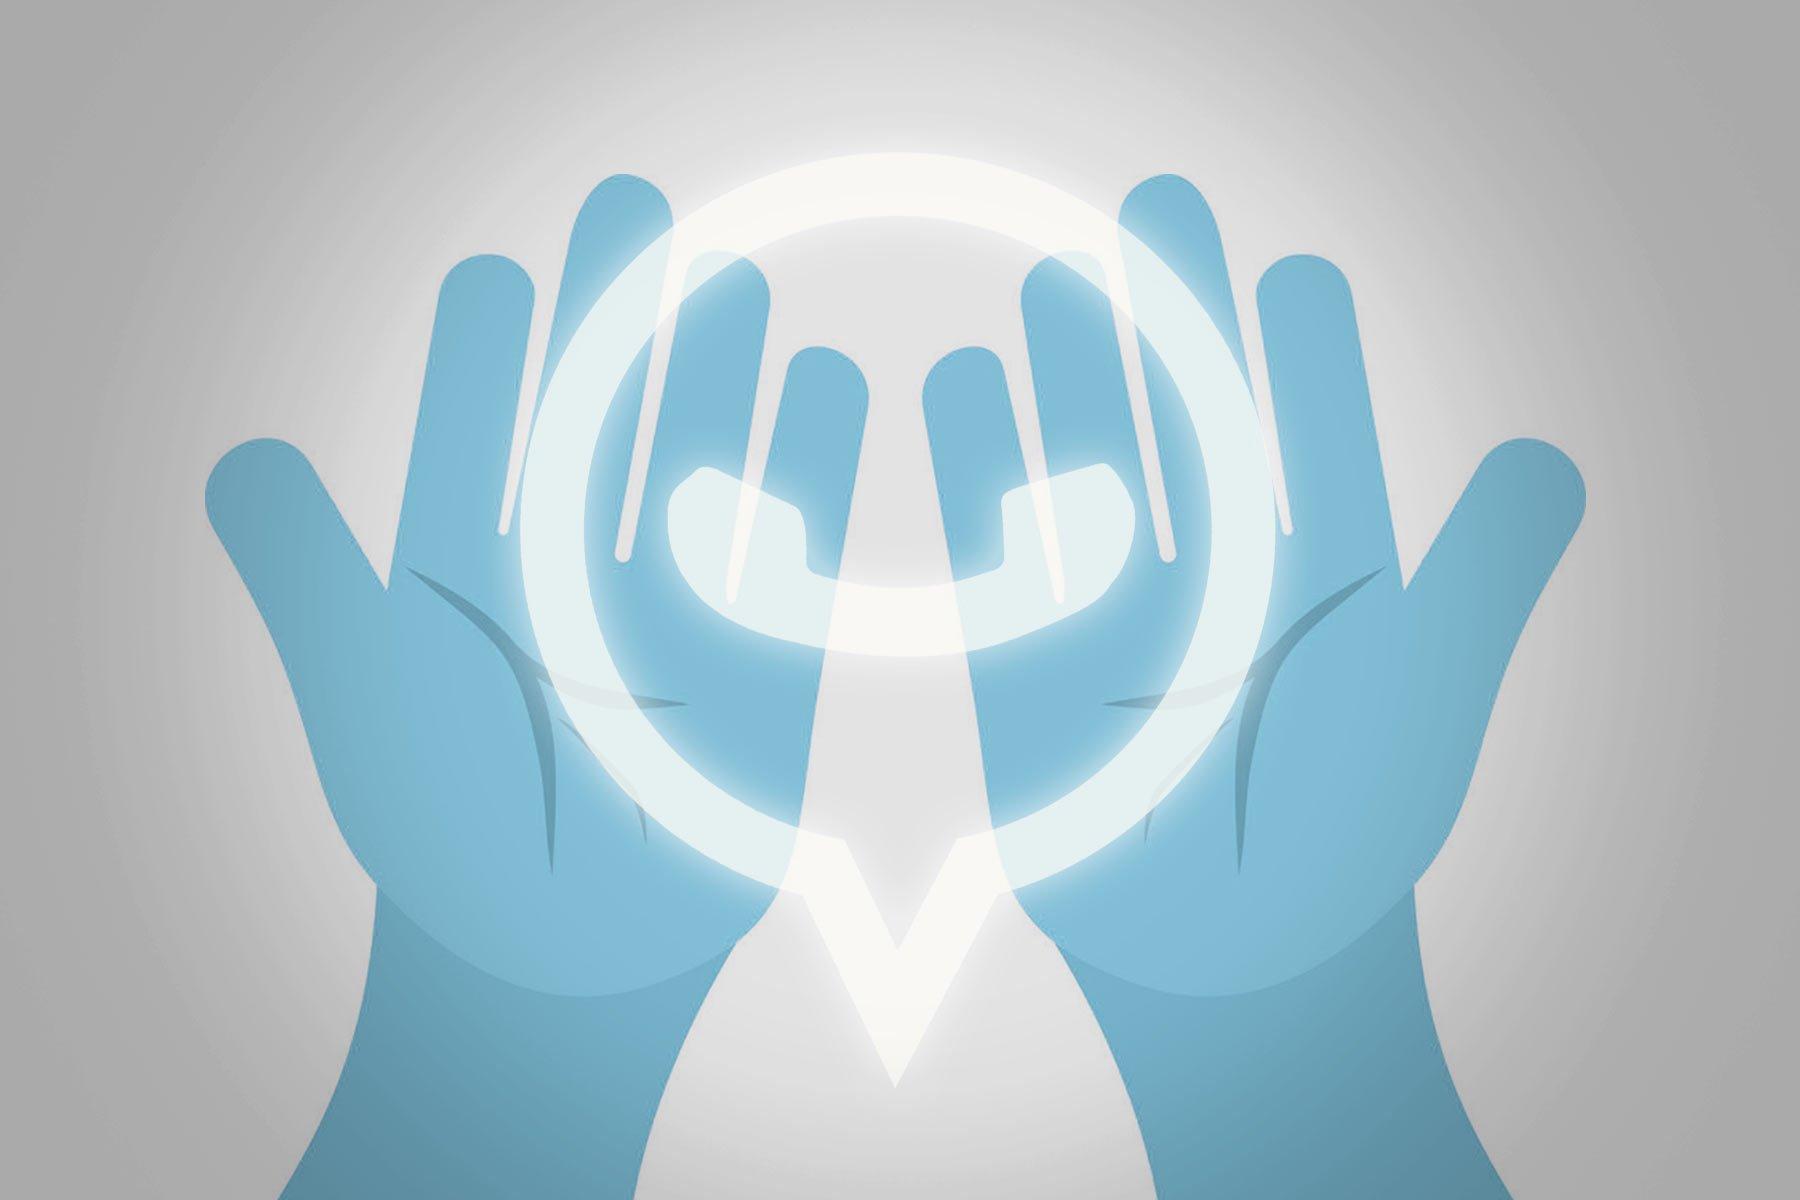 Modern dua: Dua eden ellerin üzerinde işıldayan sosyal medya uygulaması ikonu